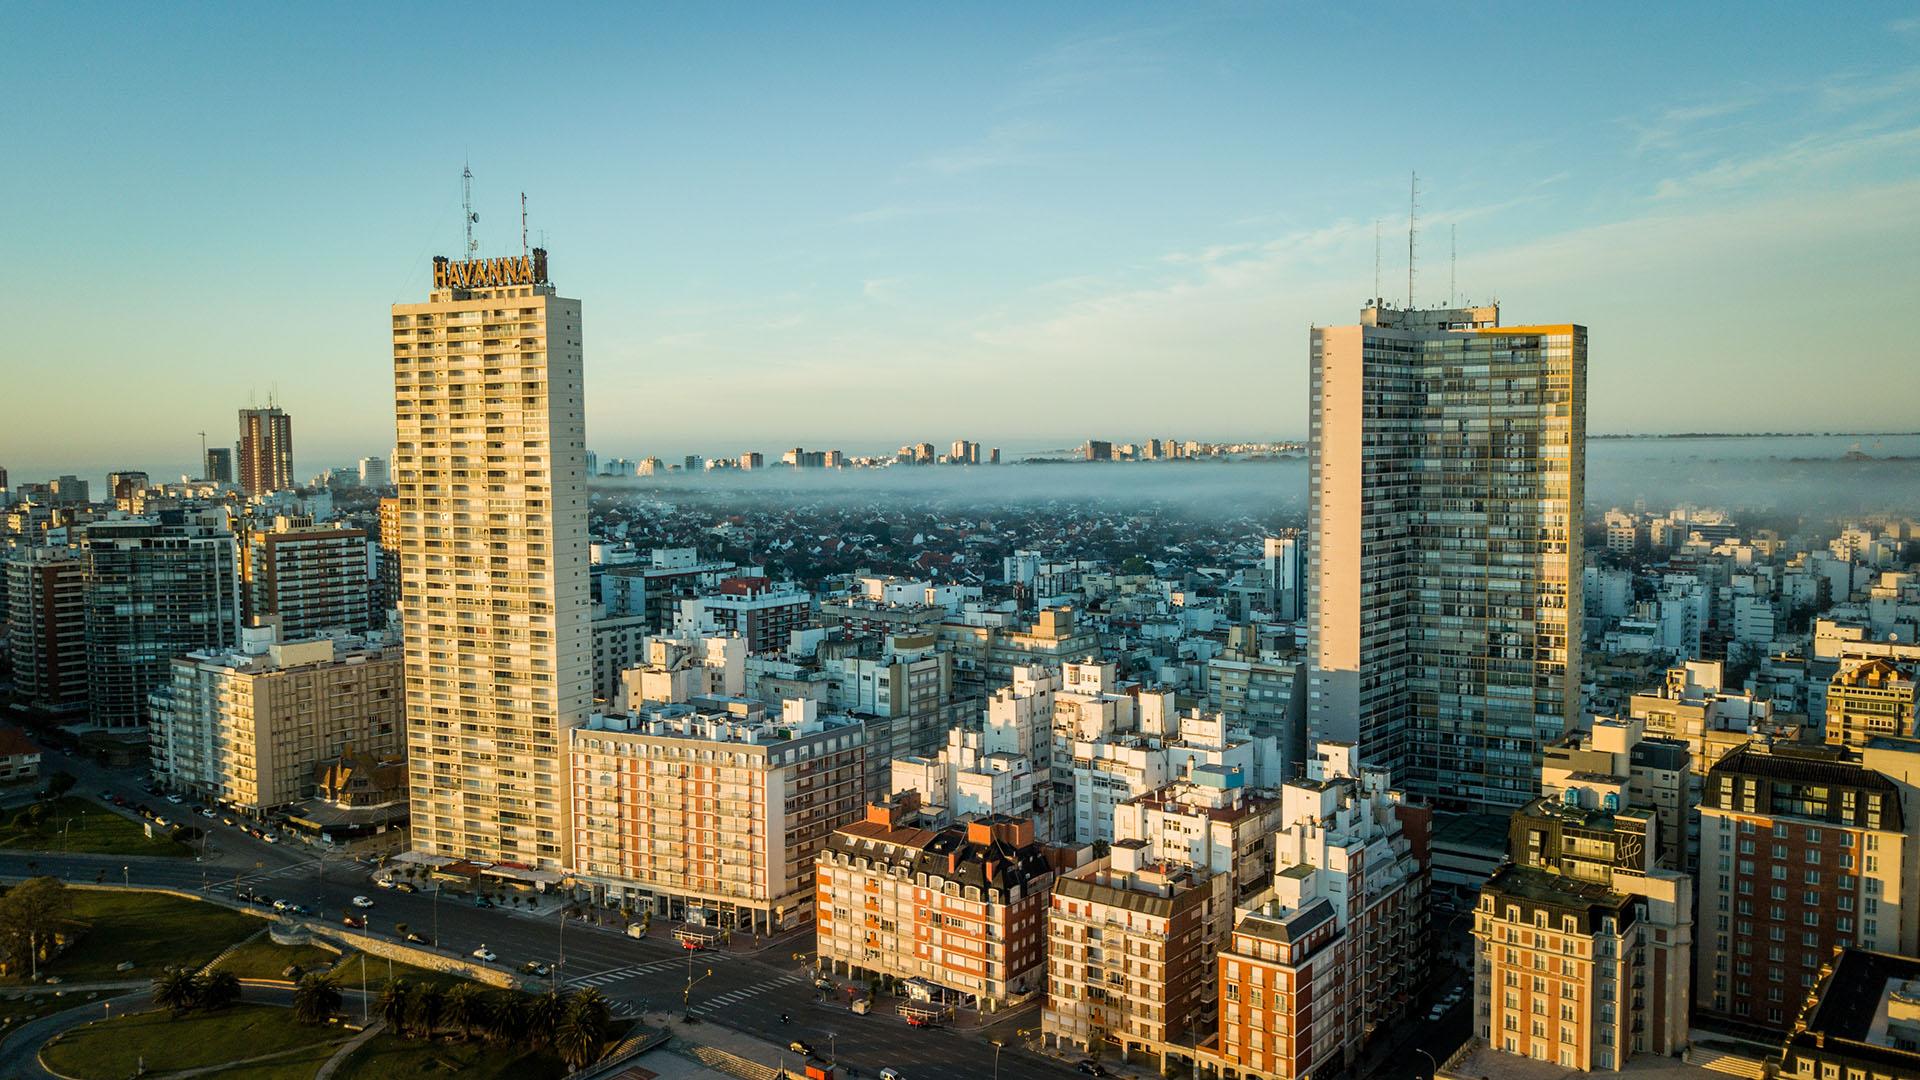 El Edificio Havanna se encuentra sobre el boulevard Marítimo Patricio Peralta Ramos, en donde se encuentra el monumento al León Marino, símbolo de la ciudad balnearia